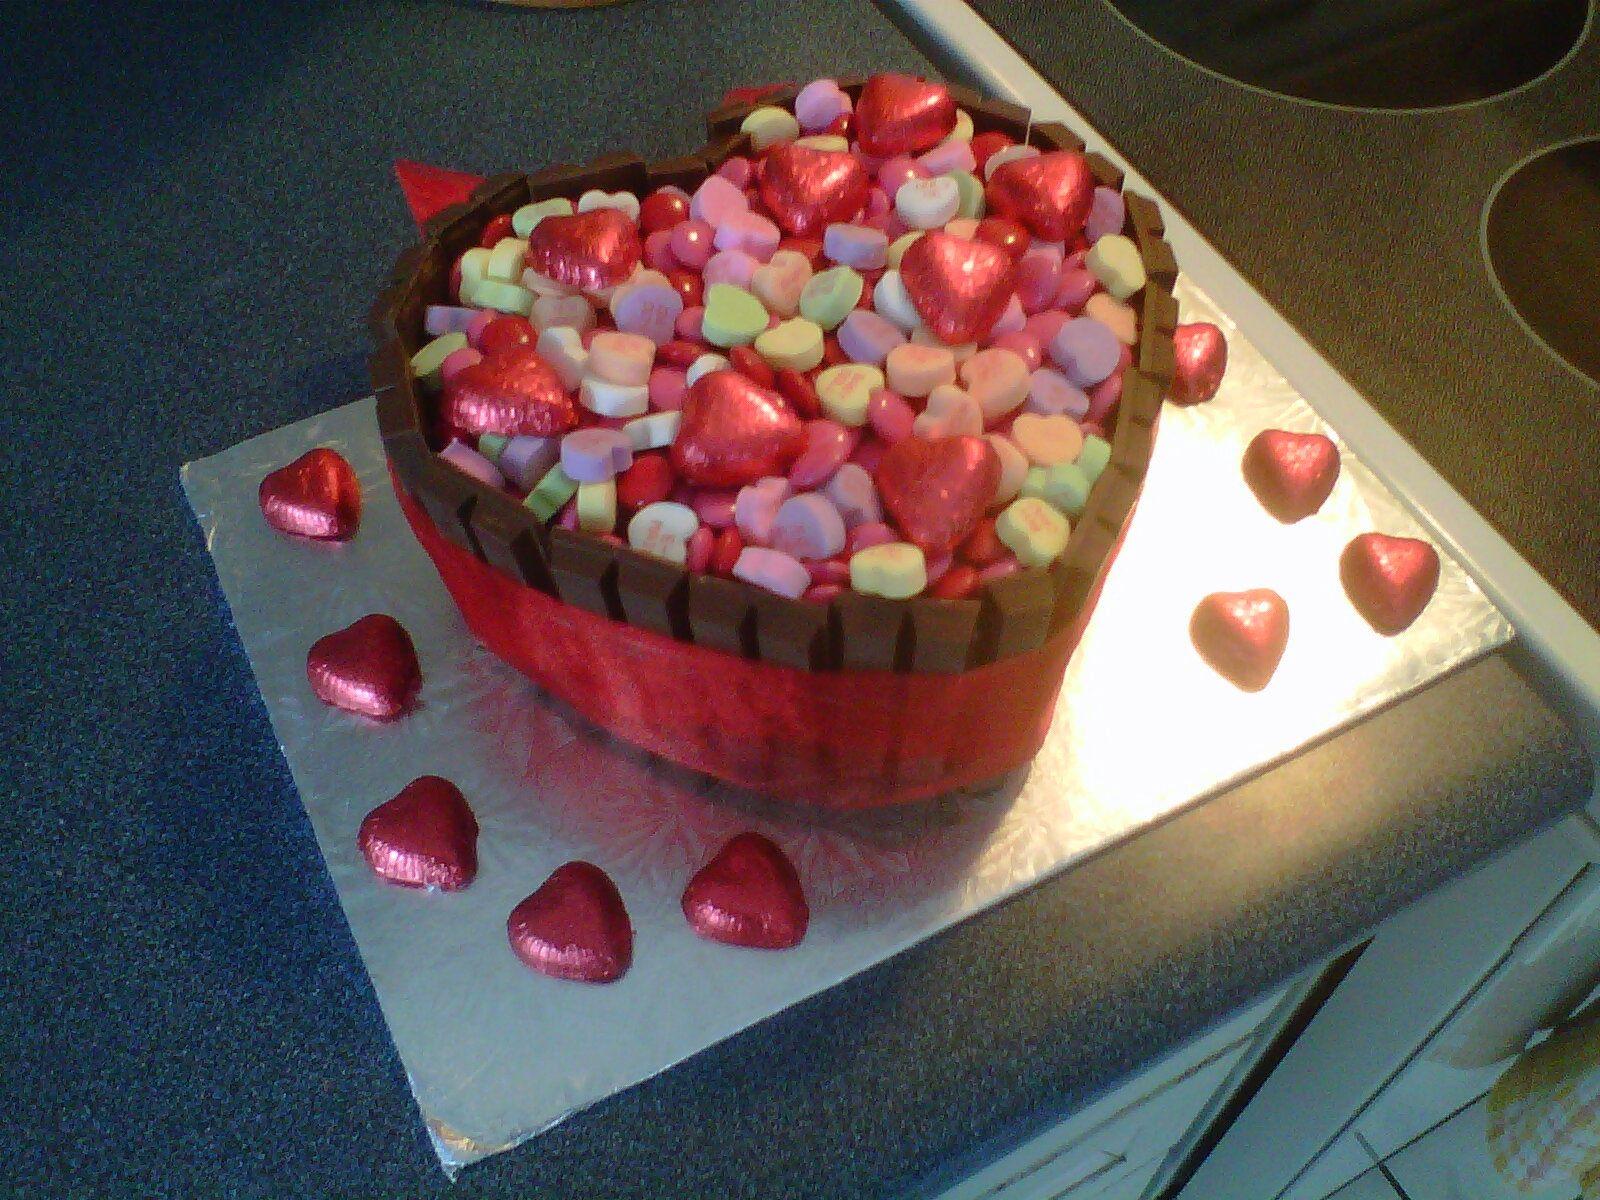 Valentines cake for my boyfriend